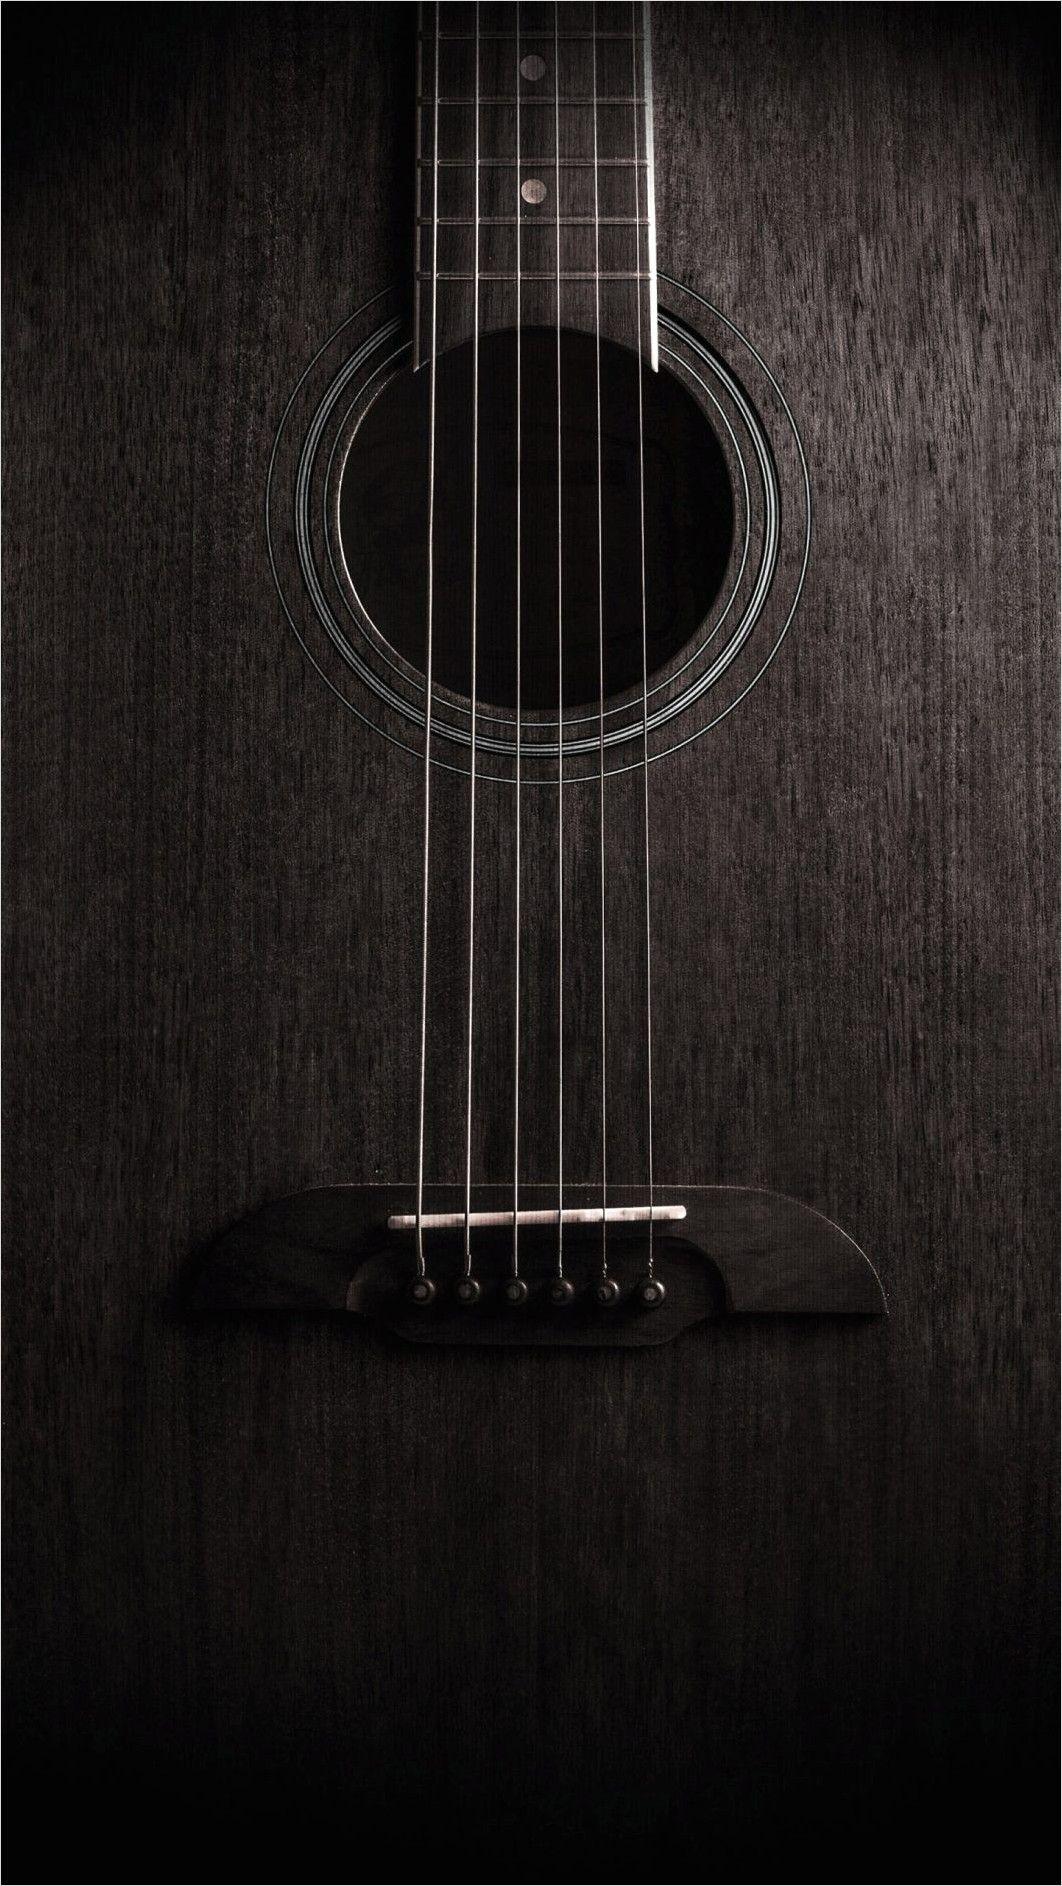 4k Mobile Wallpaper Dark Em 2020 Desenho Violao Violao Wallpaper Papel De Parede Musical